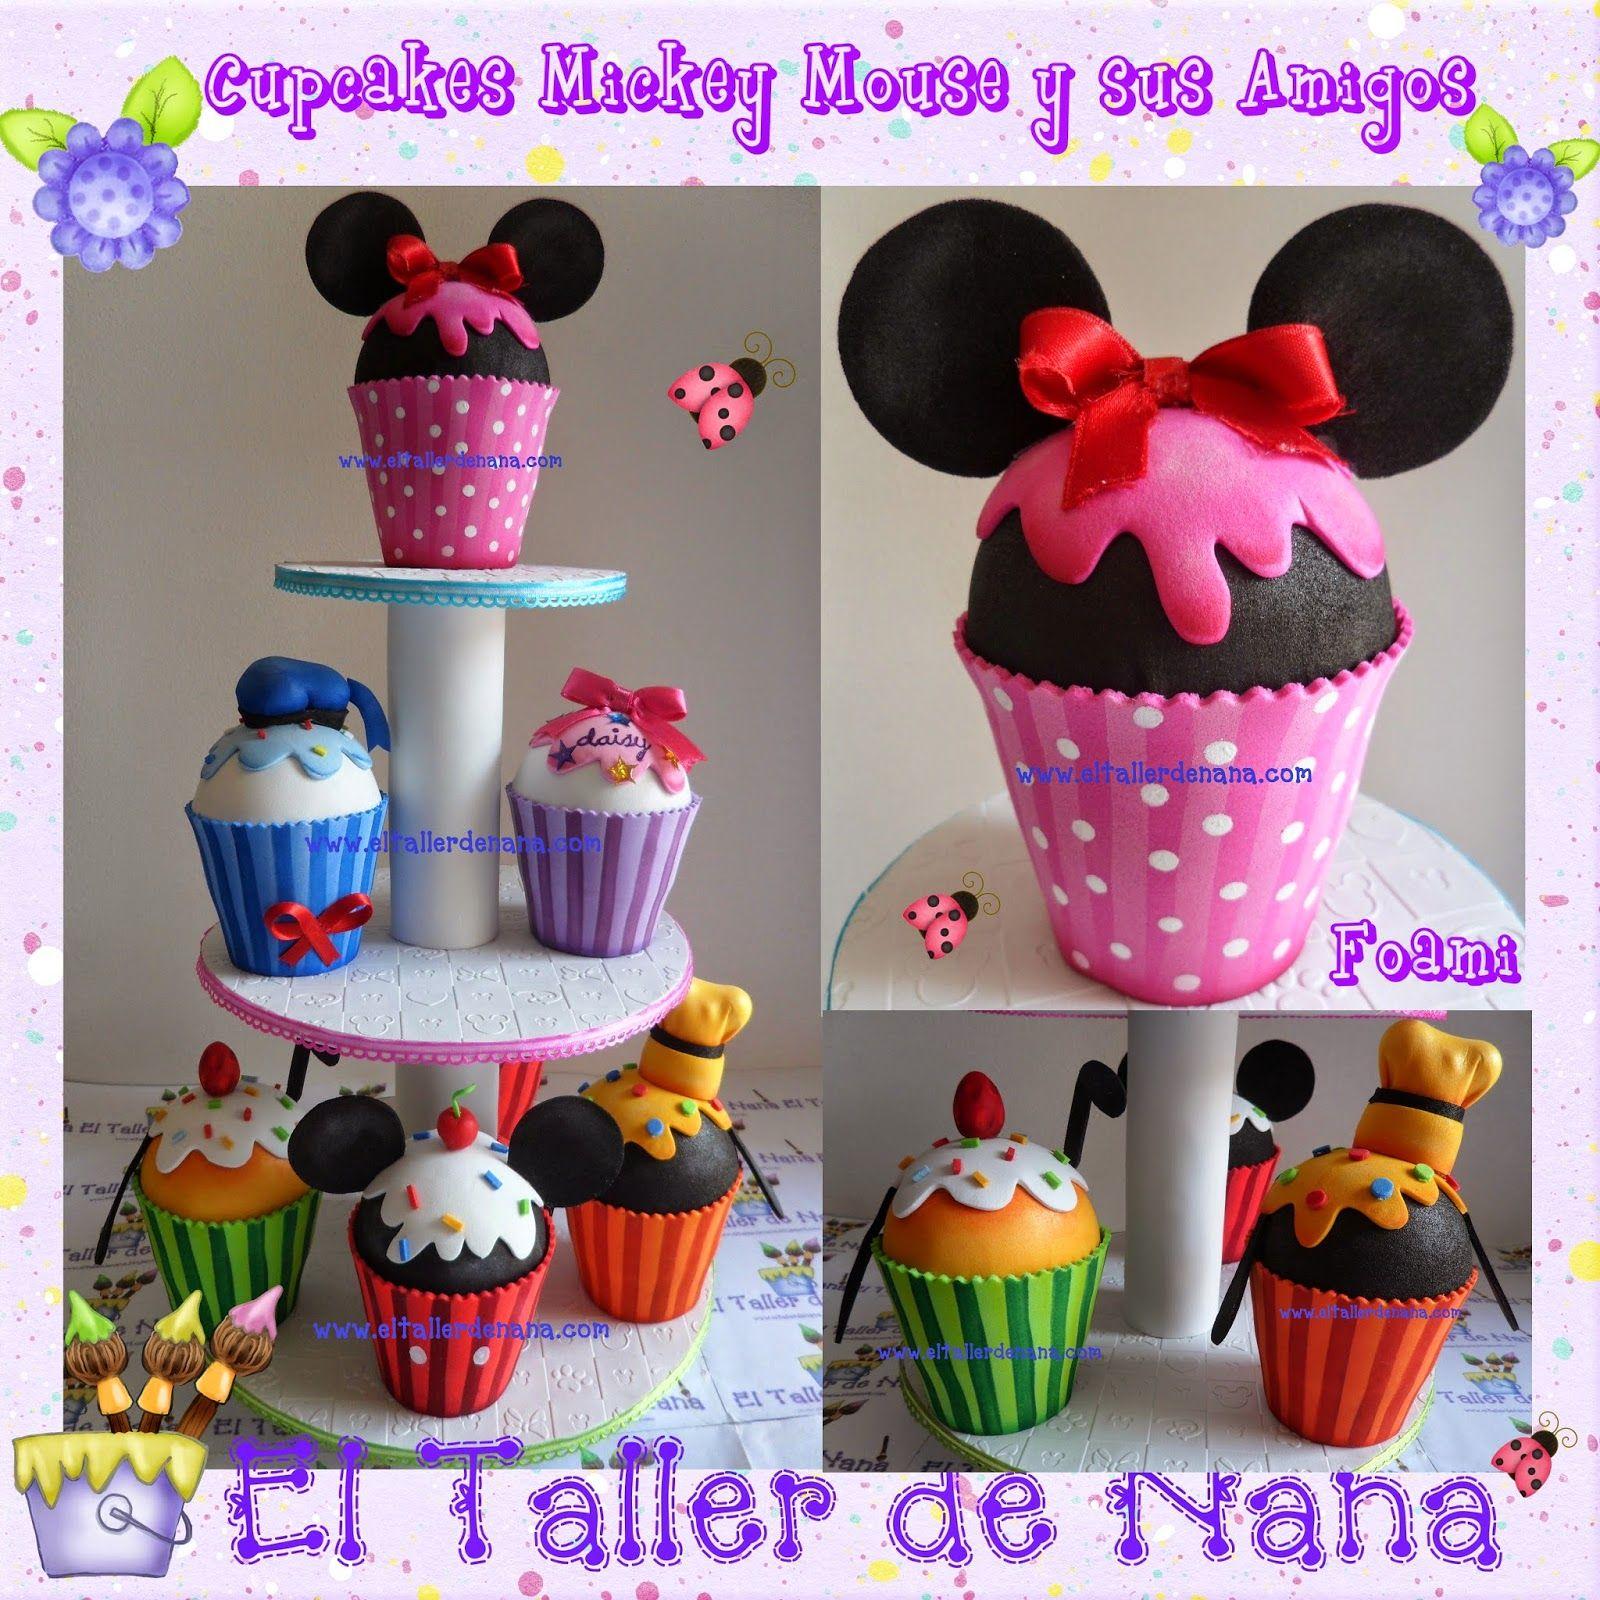 Cupcakes De Mickey Mouse Y Sus Amigos Minnie Pato Donald Daisy